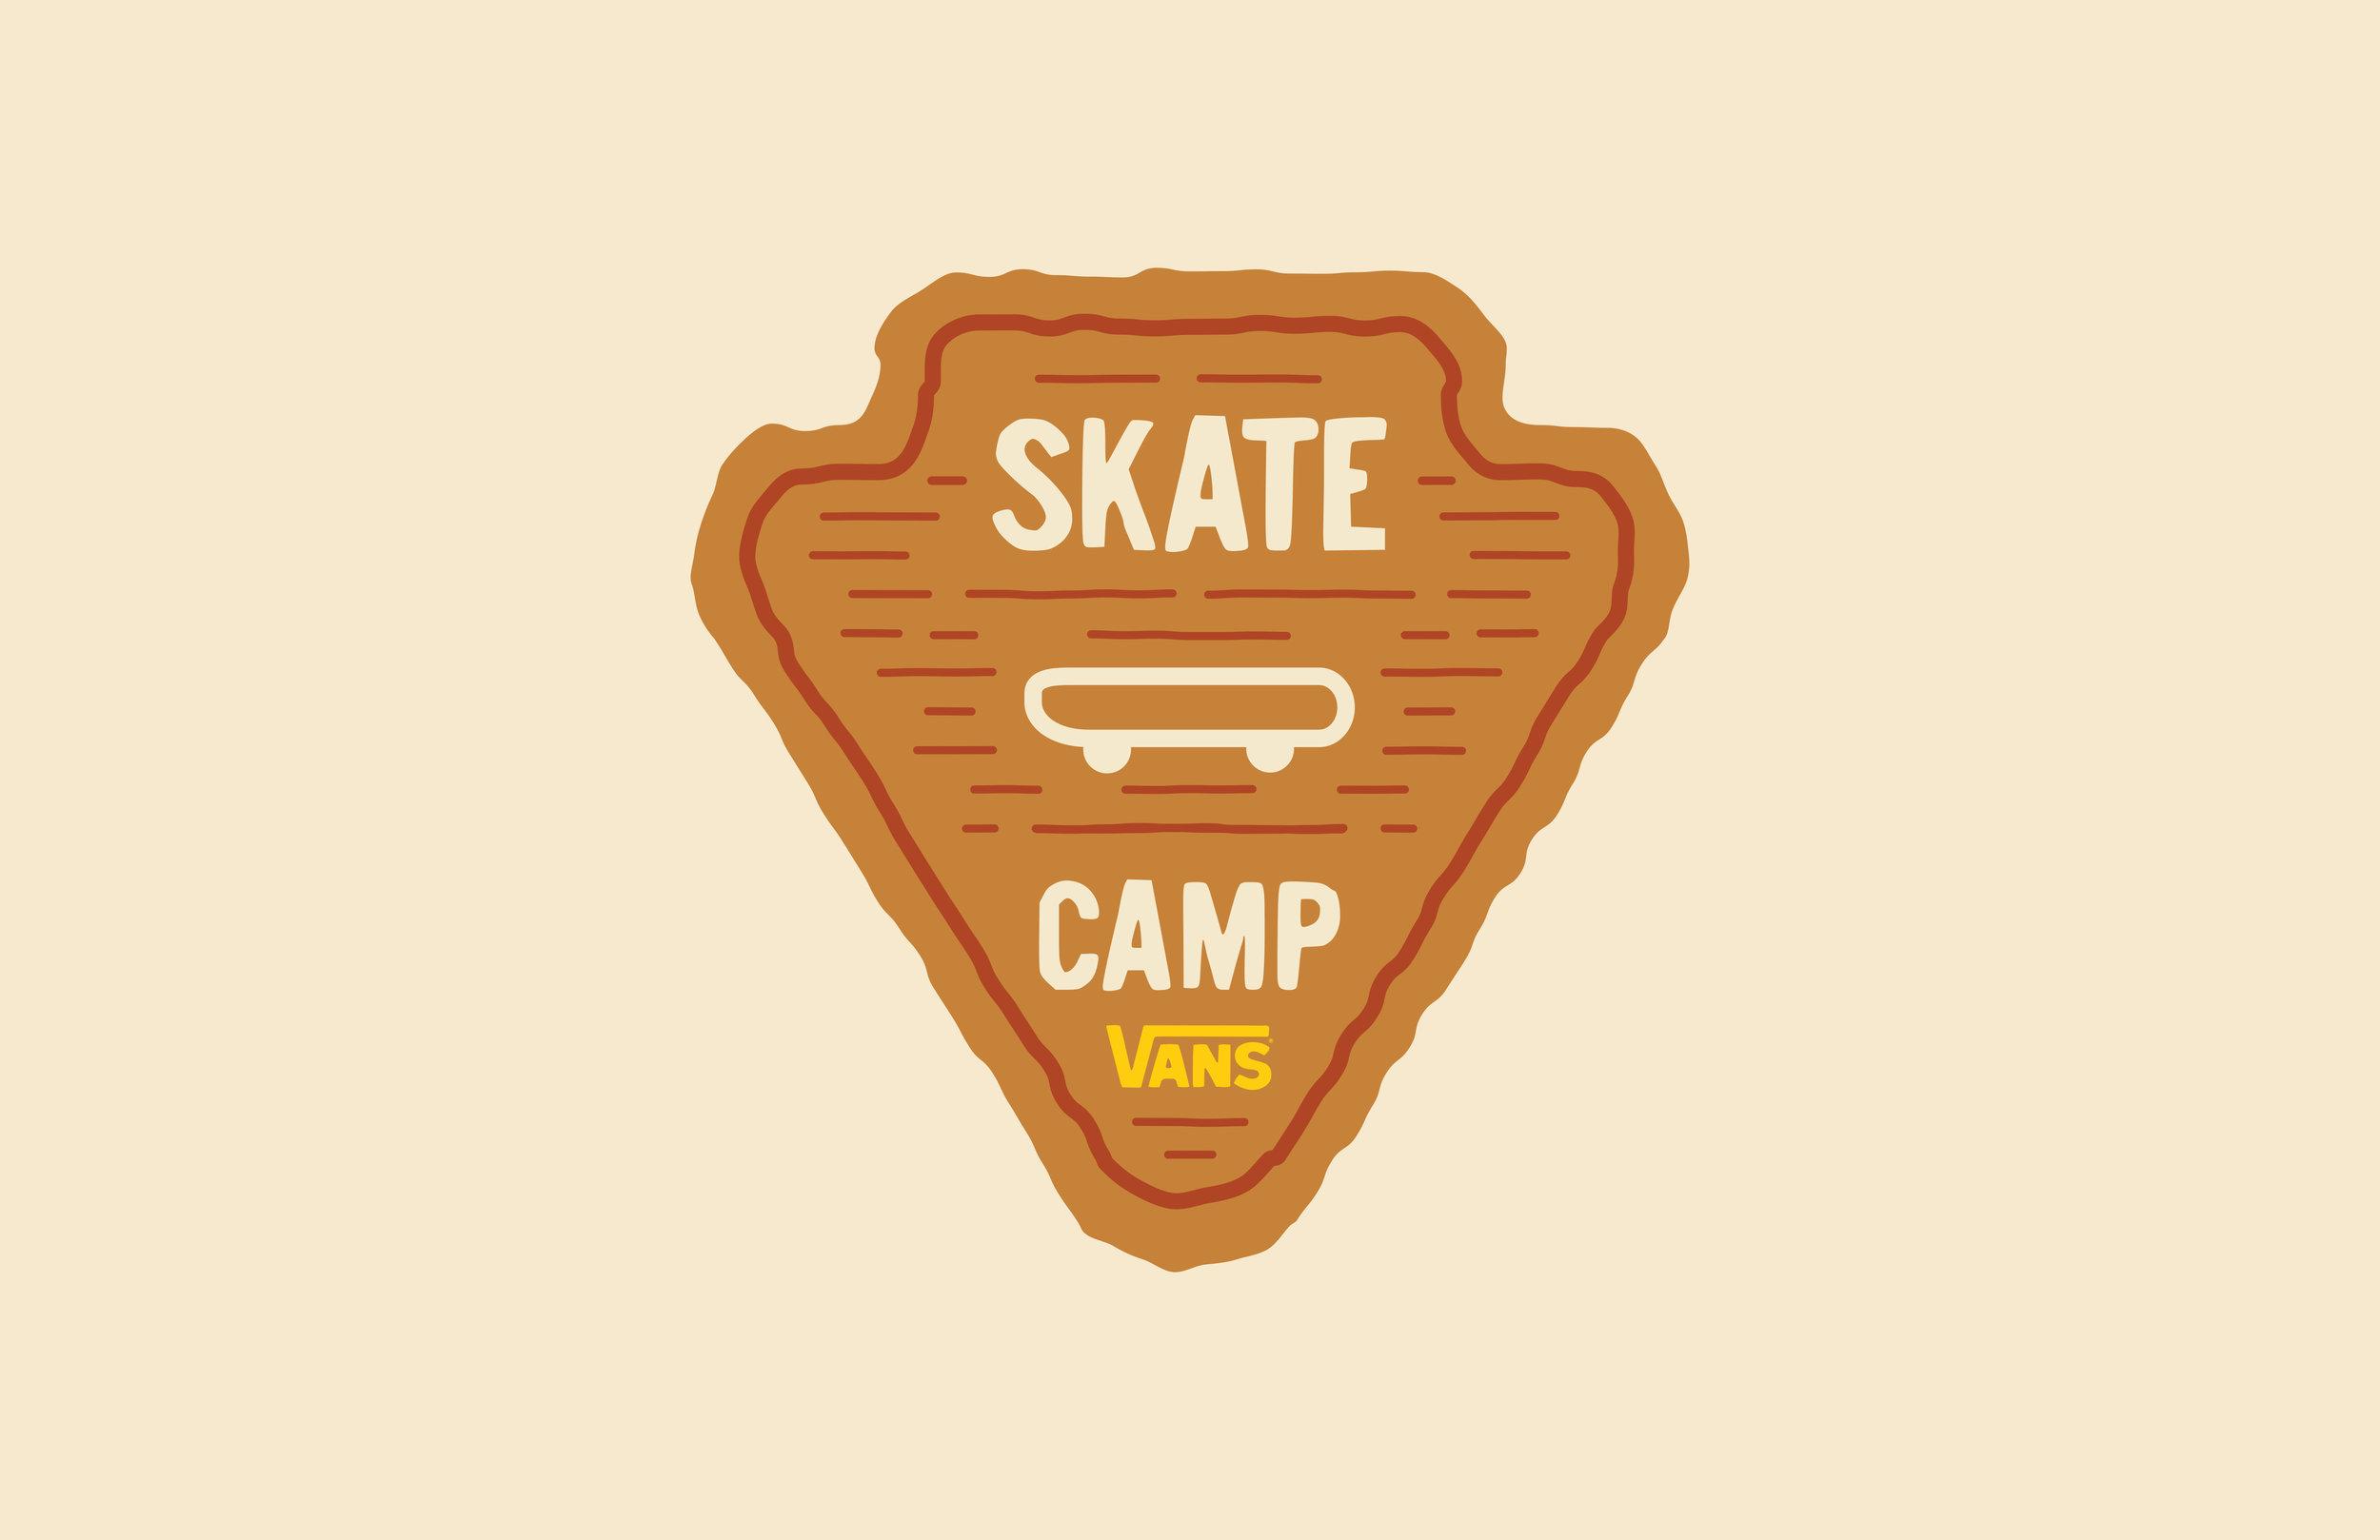 Camp Vans-1.jpg